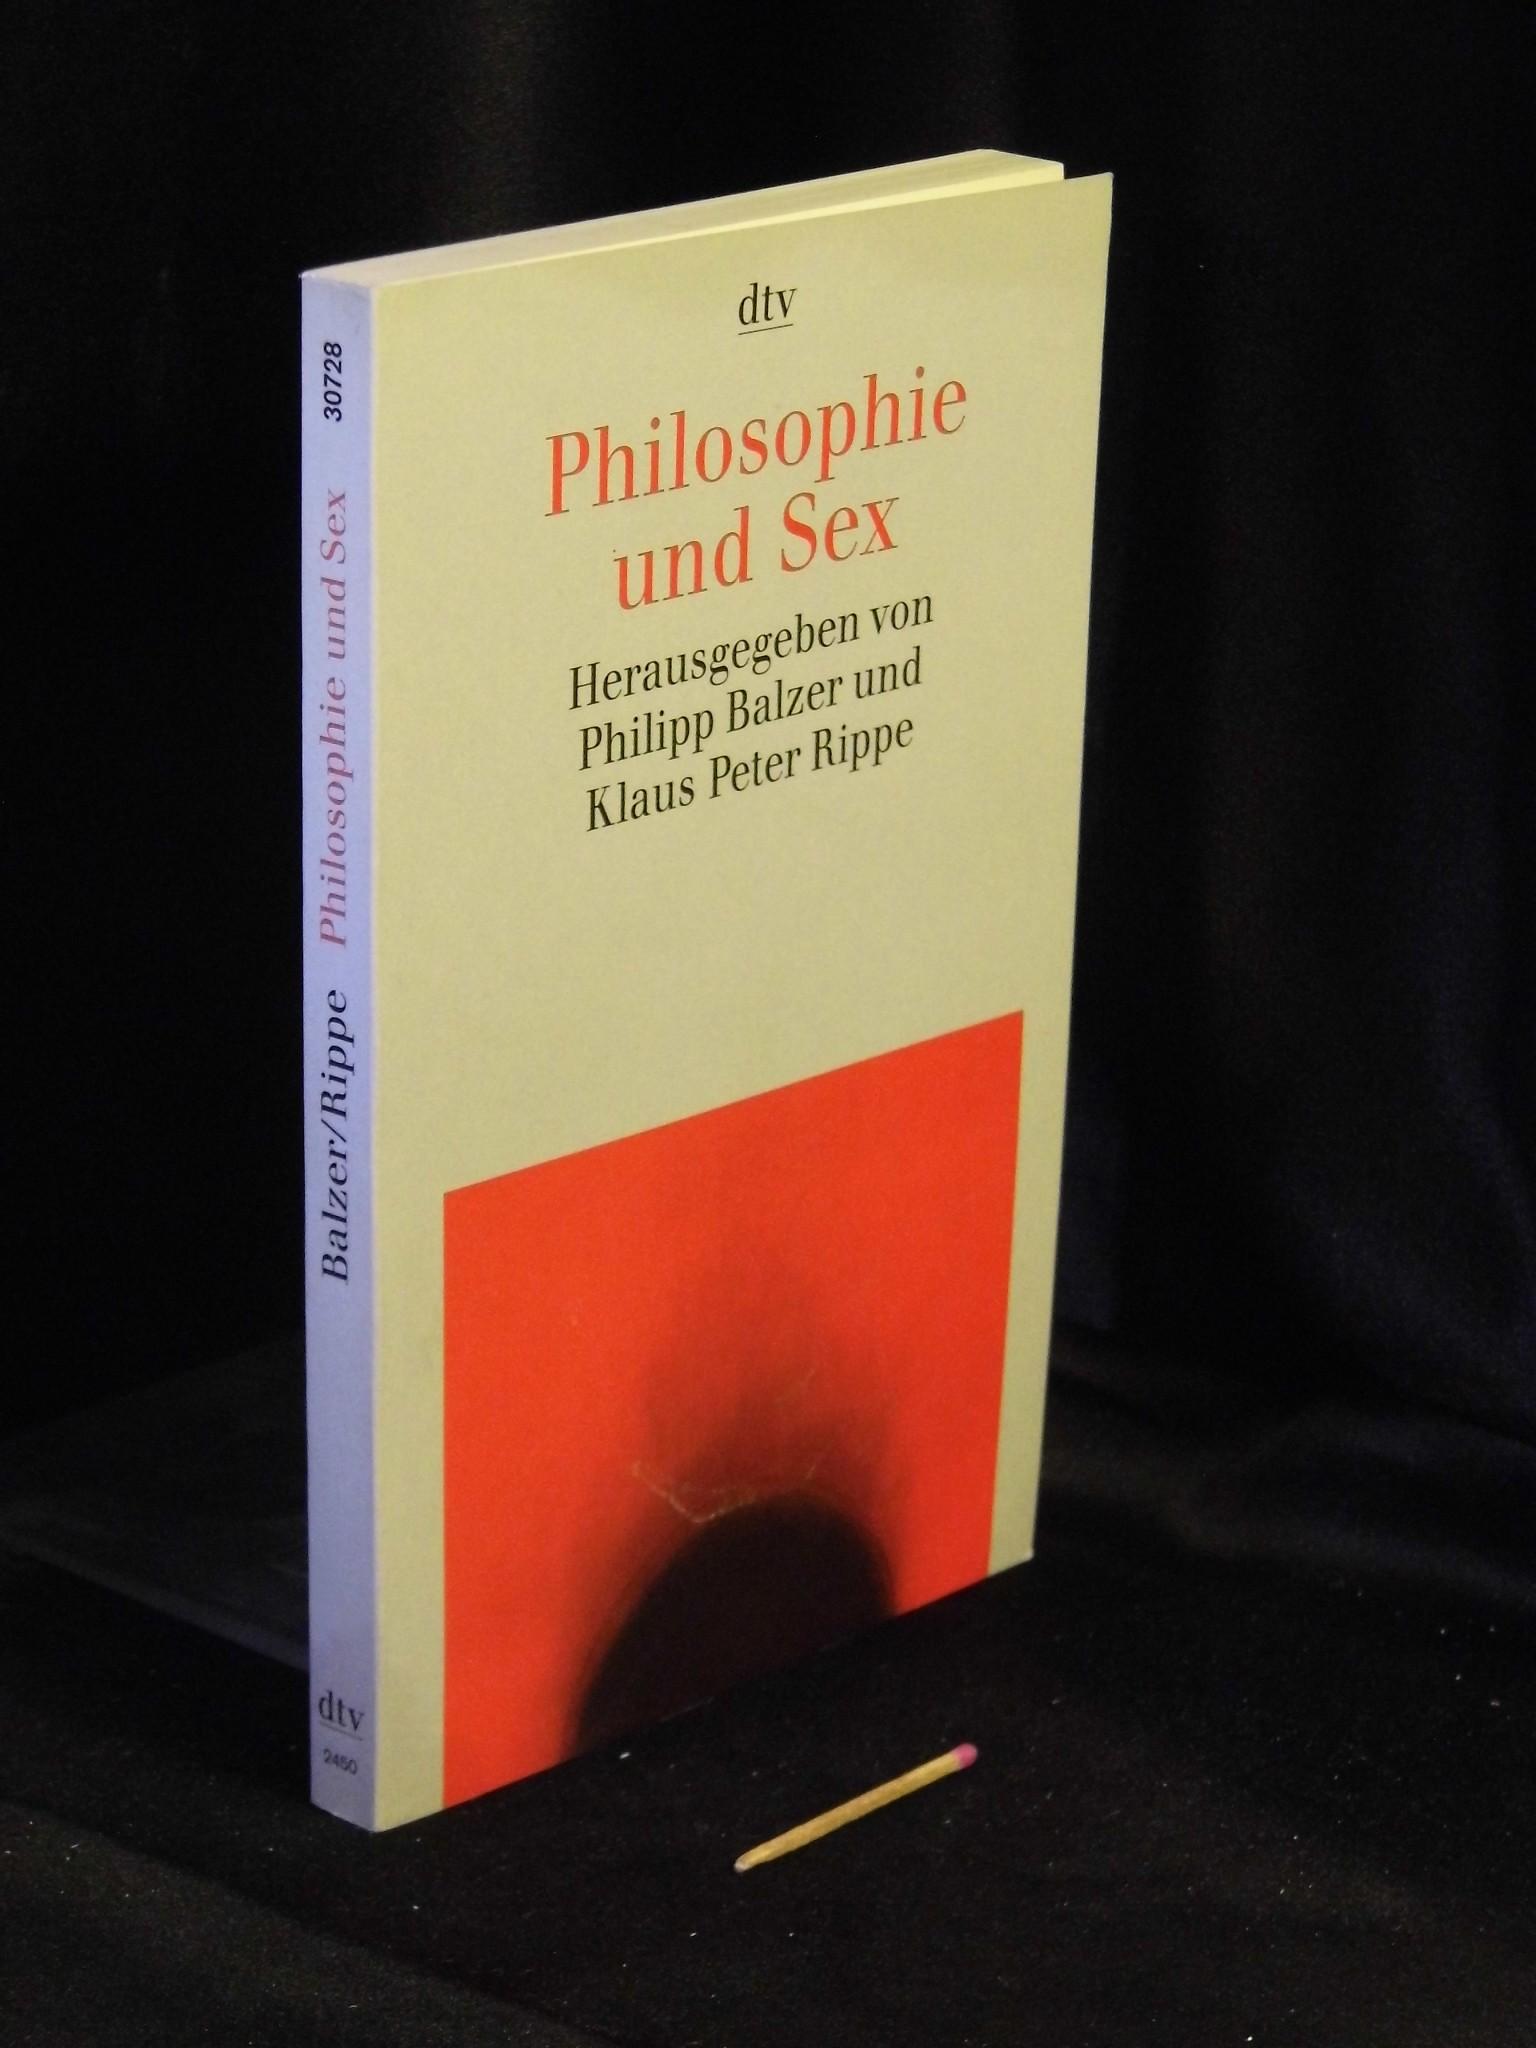 Philosophie und Sex - Zeitgenössische Beiträge - aus der Reihe: dtv taschenbuch - Band: 30728  Originalausgabe - Balzer, Philipp und Klaus Peter Rippe (Herausgeber) -